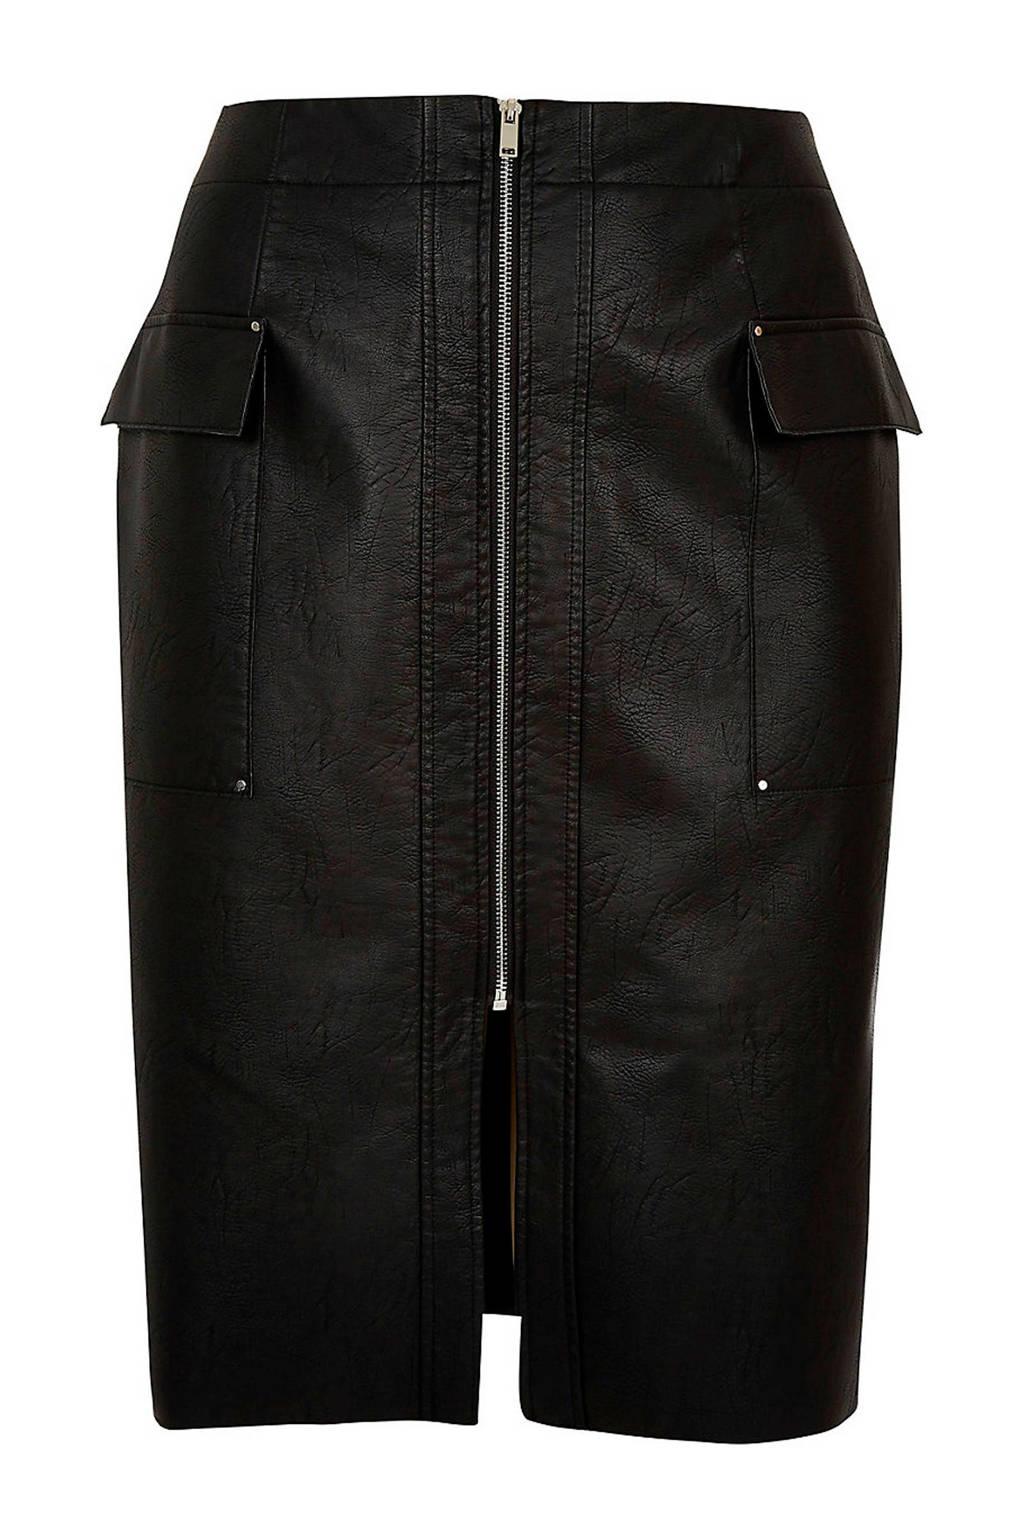 River Island Plus imitatie leren rok zwart met klepzakken, Zwart